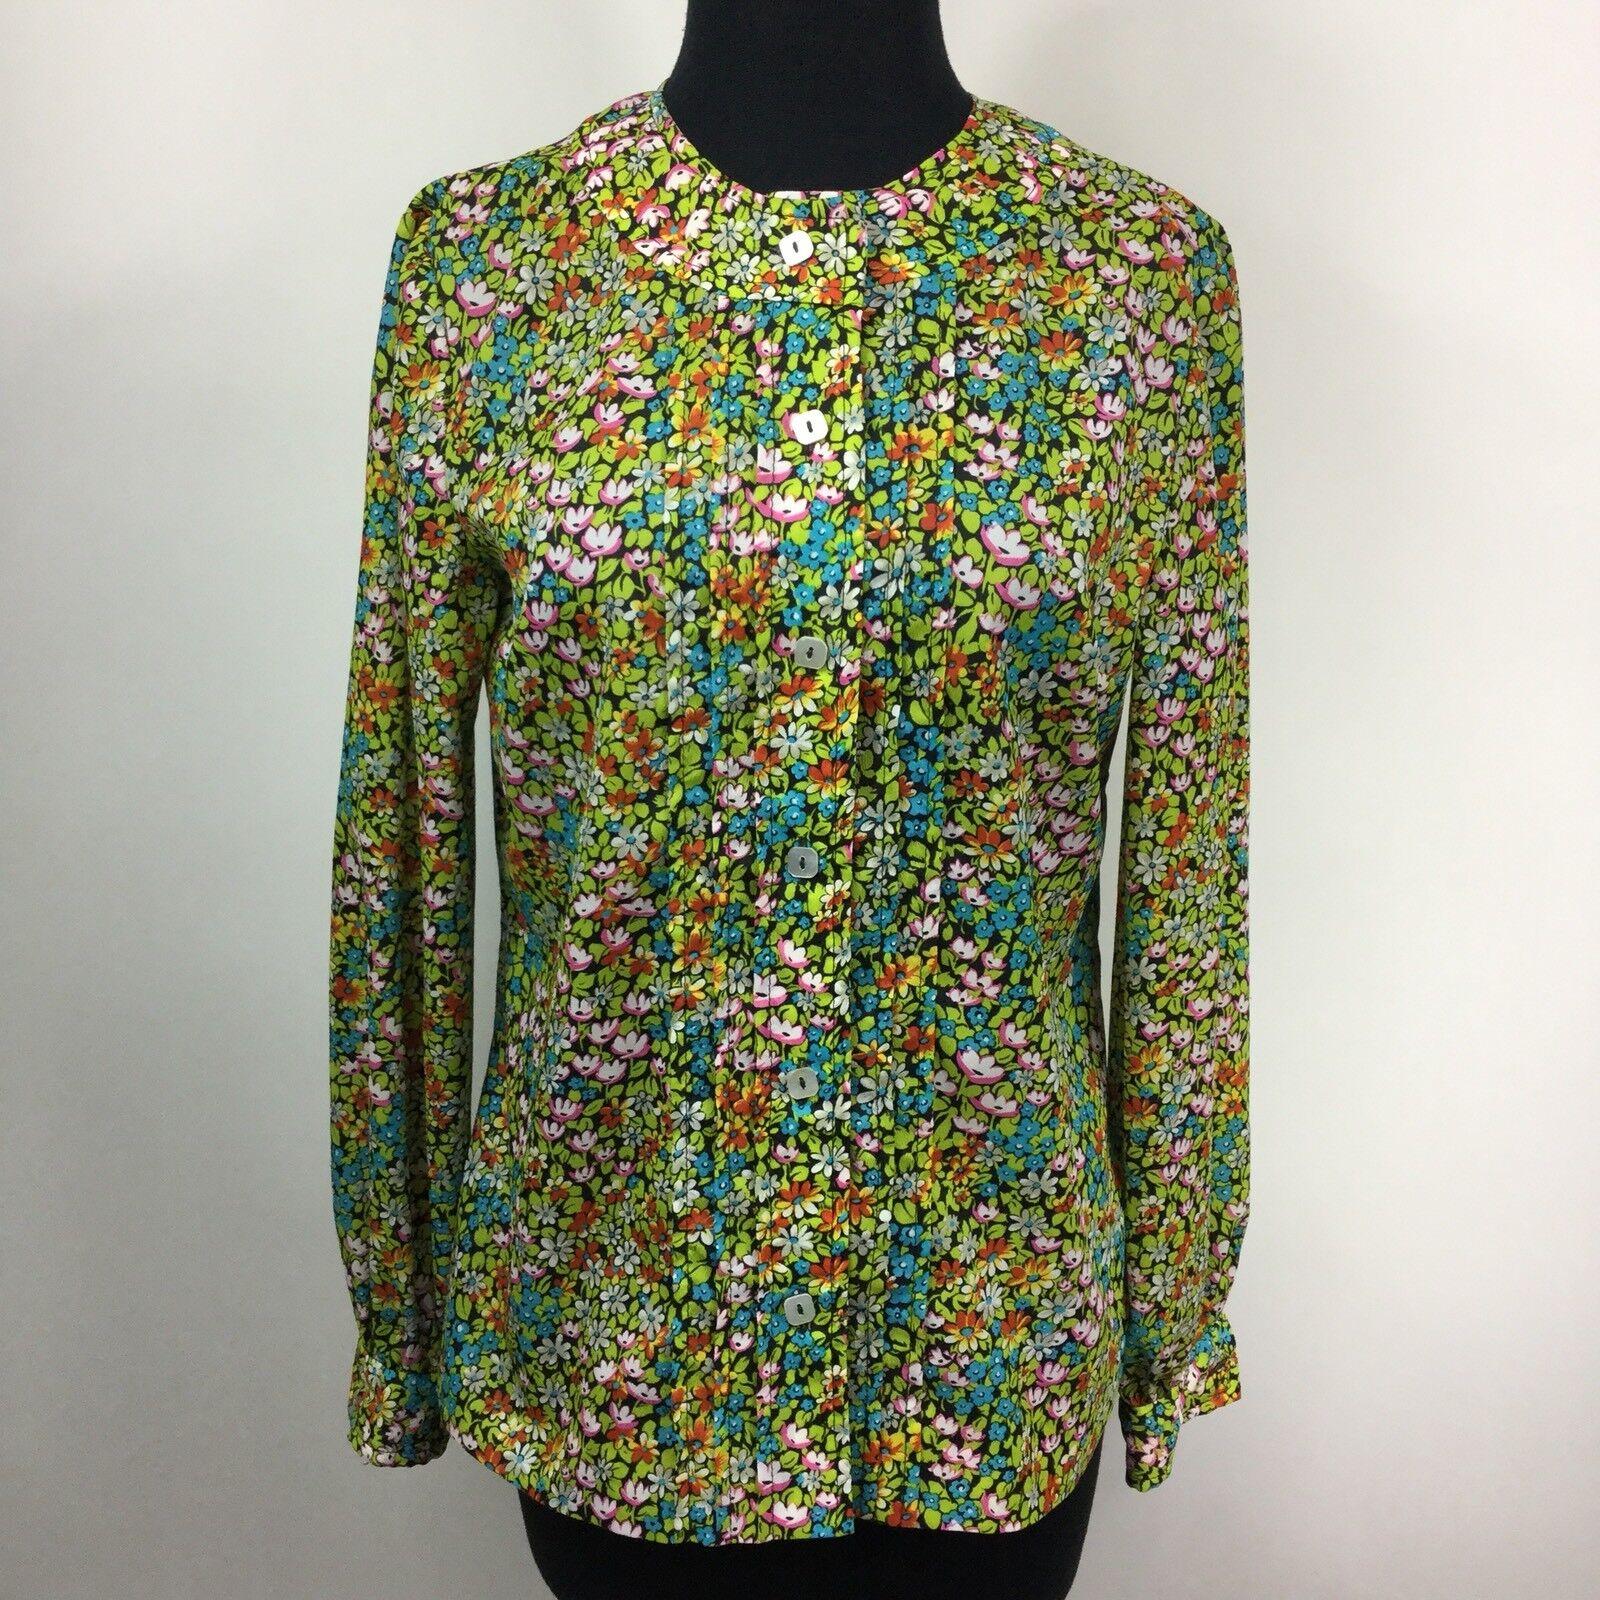 damen Vintage Anjac Neiman Marcus 60s 70s Floral Long Sleeve Blouse Größe Large